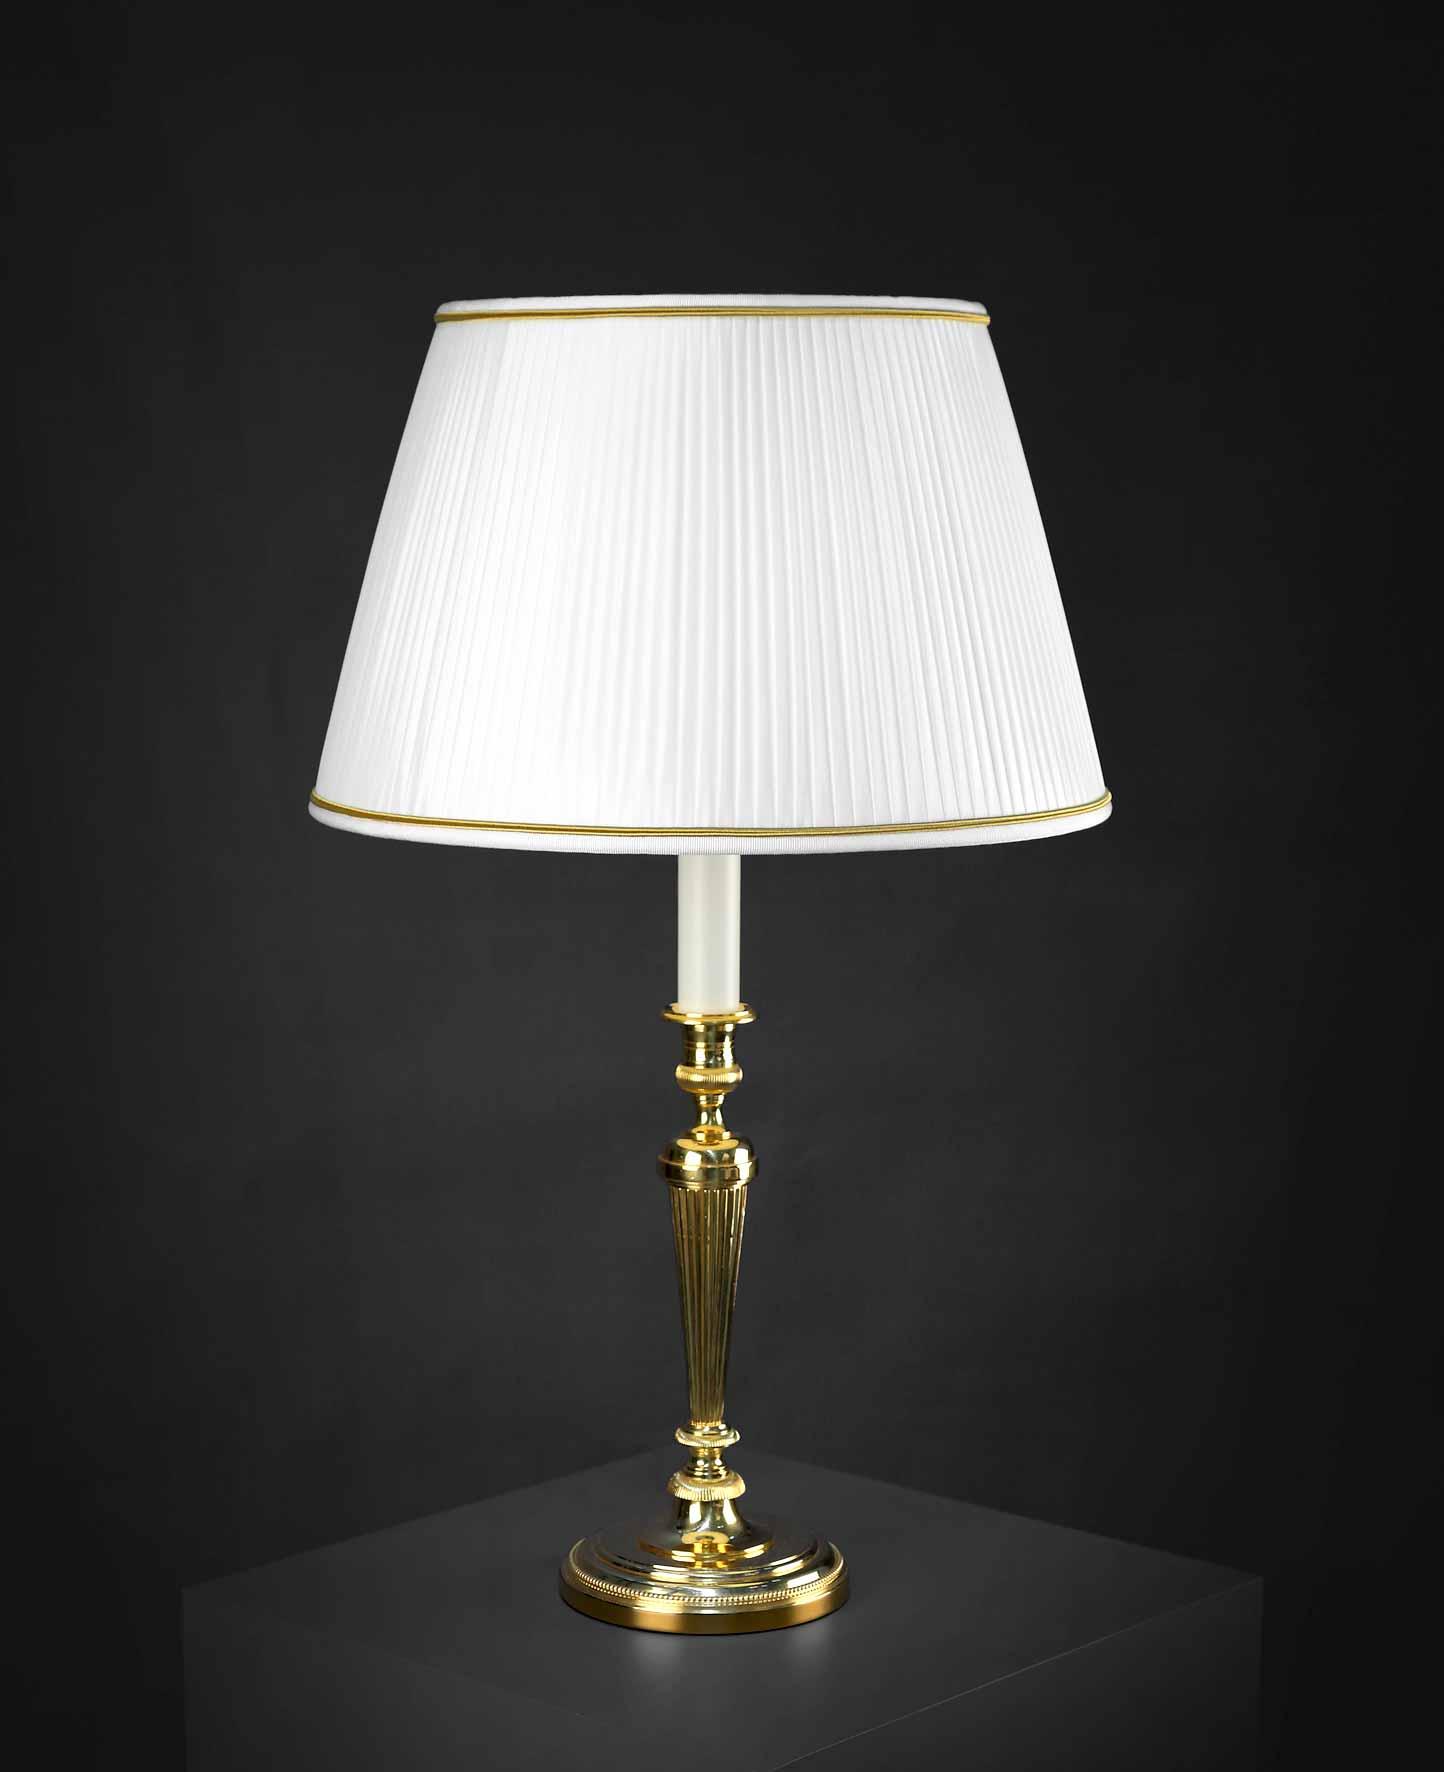 Lampes & lampadaires - 12896